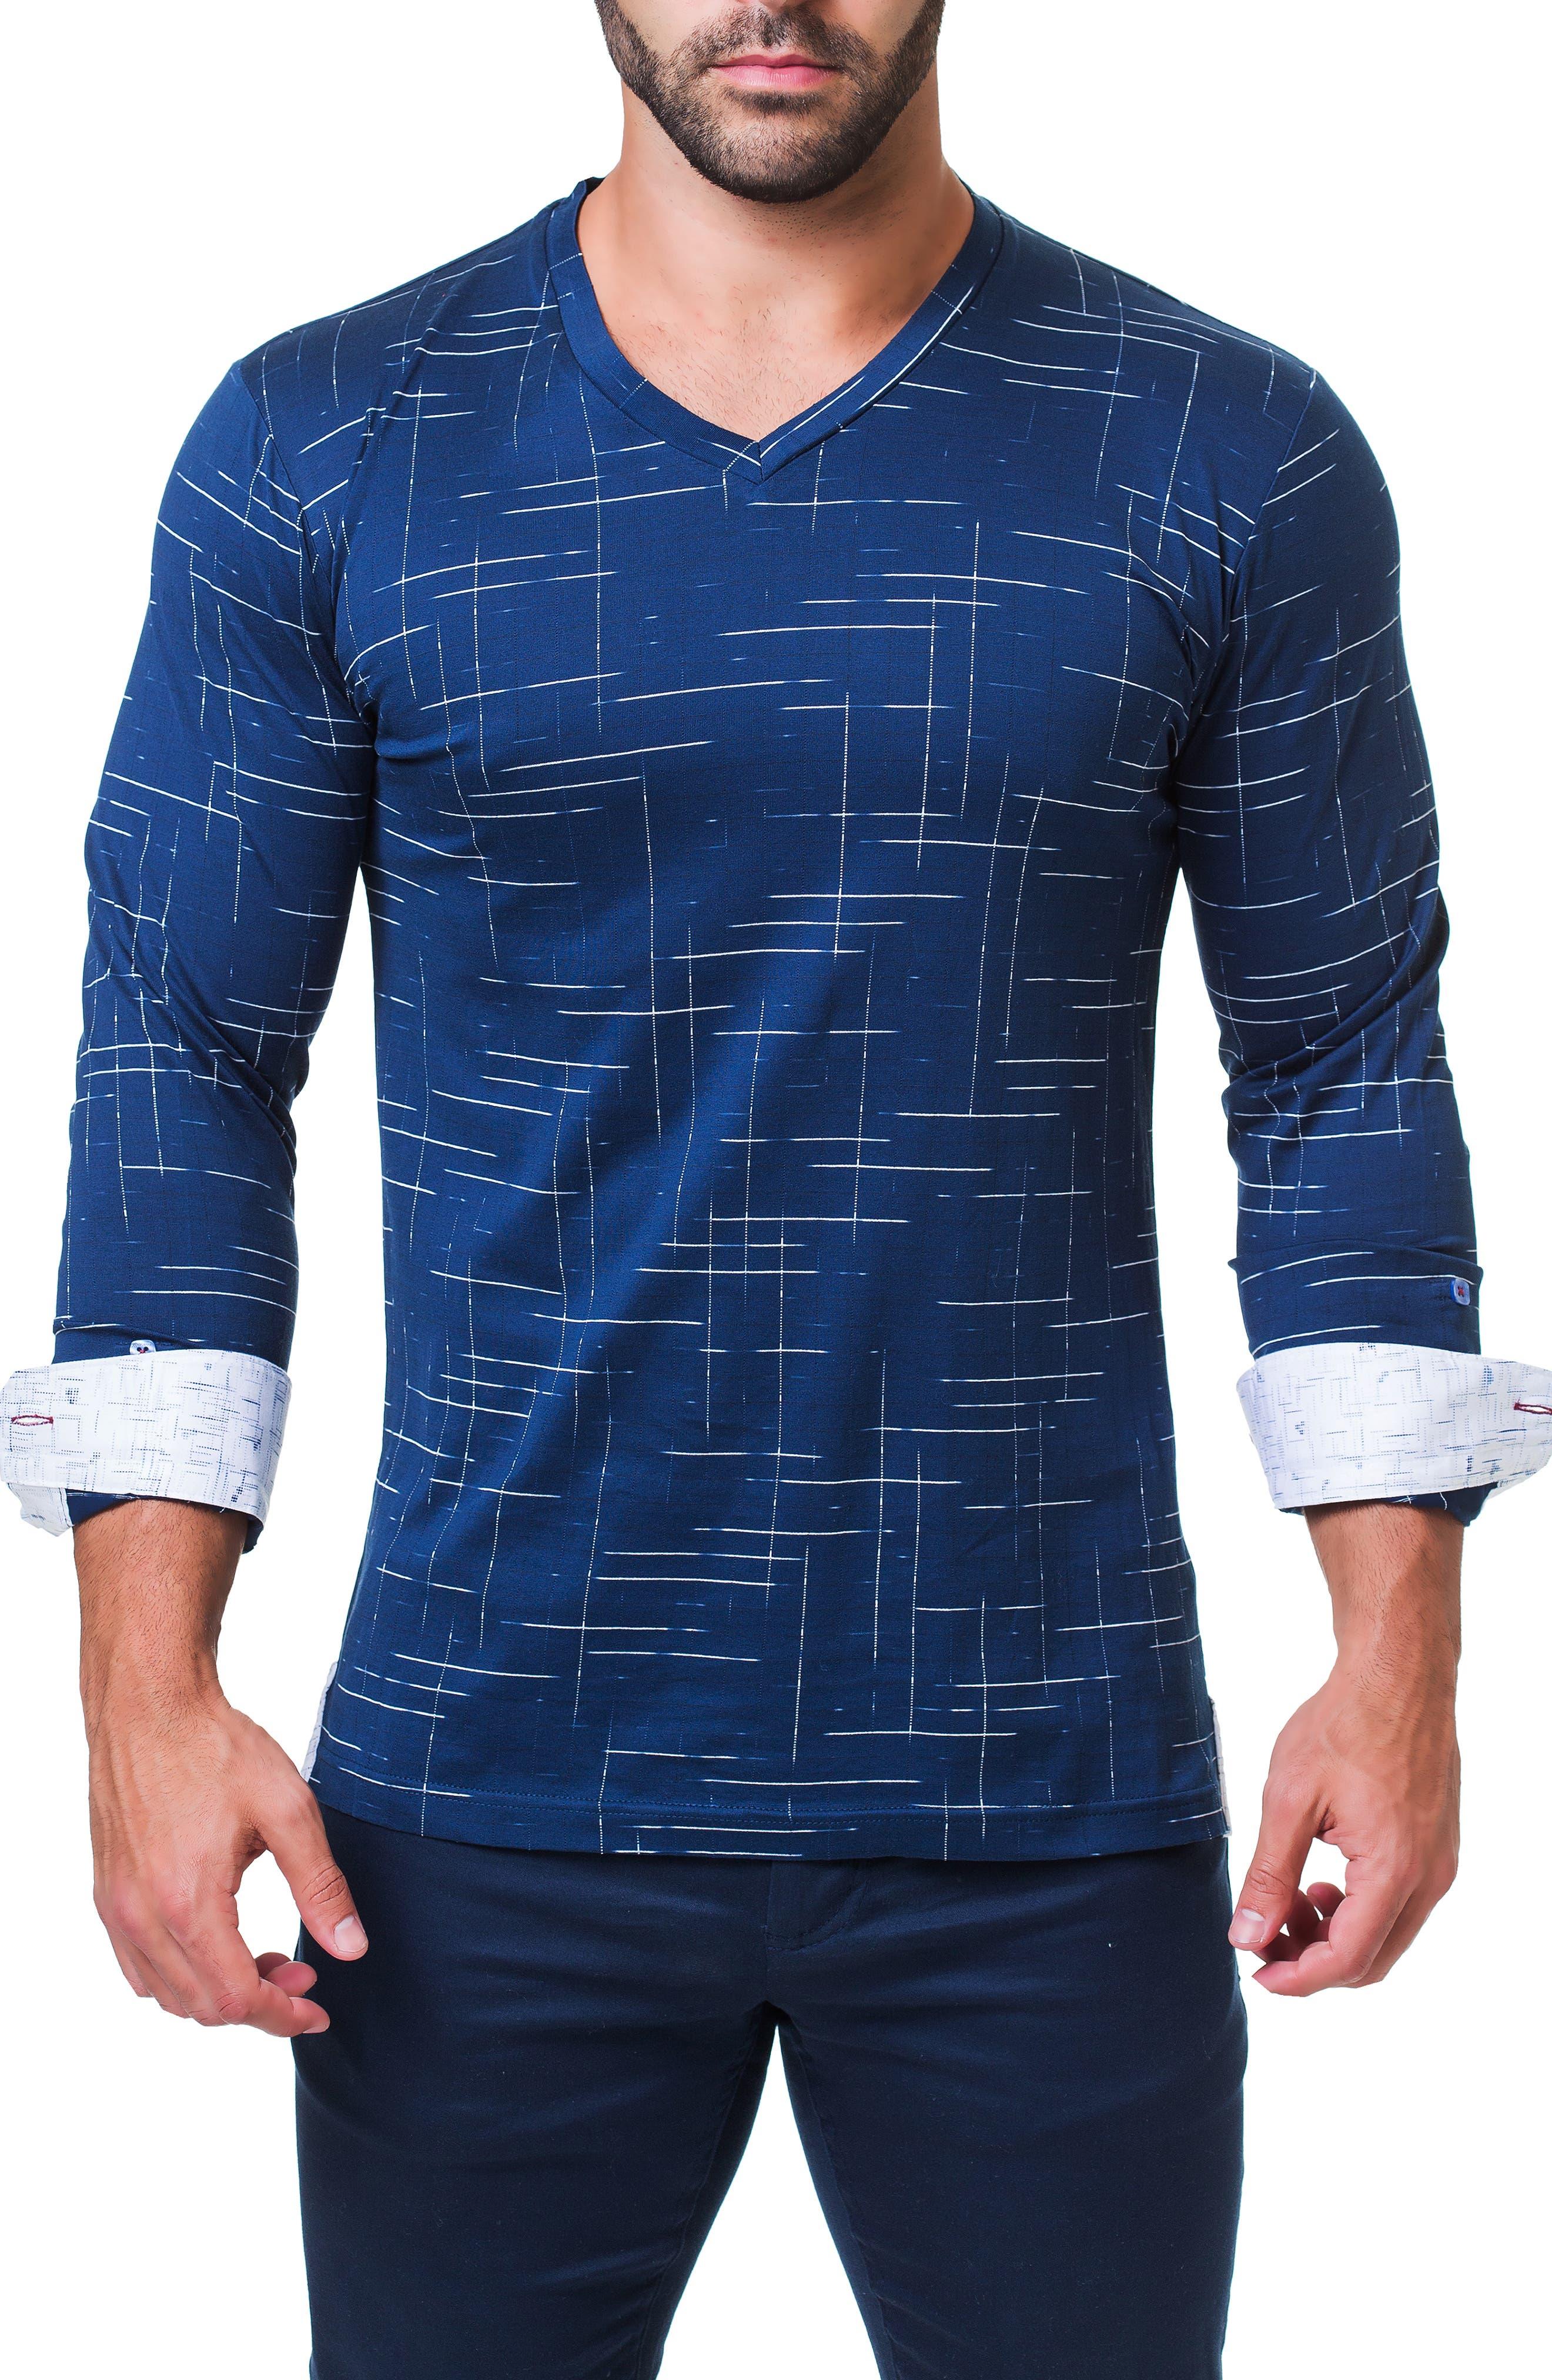 Edison Trim Fit Dash T-Shirt,                             Alternate thumbnail 4, color,                             BLUE